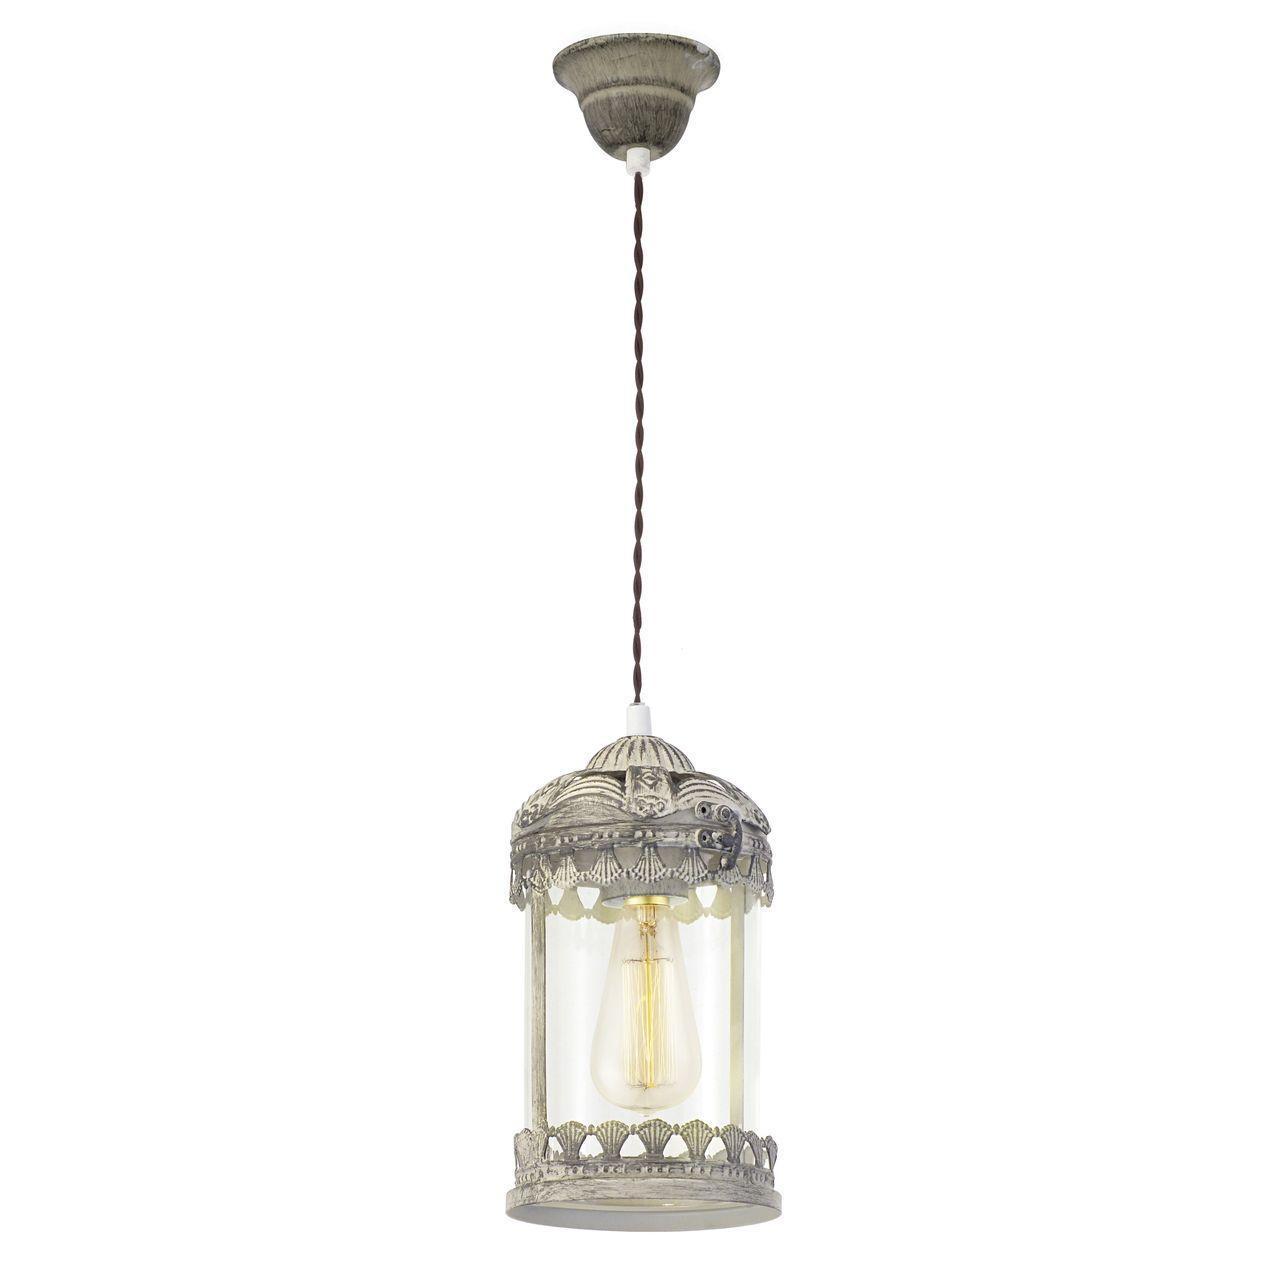 Подвесной светильник Eglo Vintage 49203 подвесной светильник eglo vintage 49214